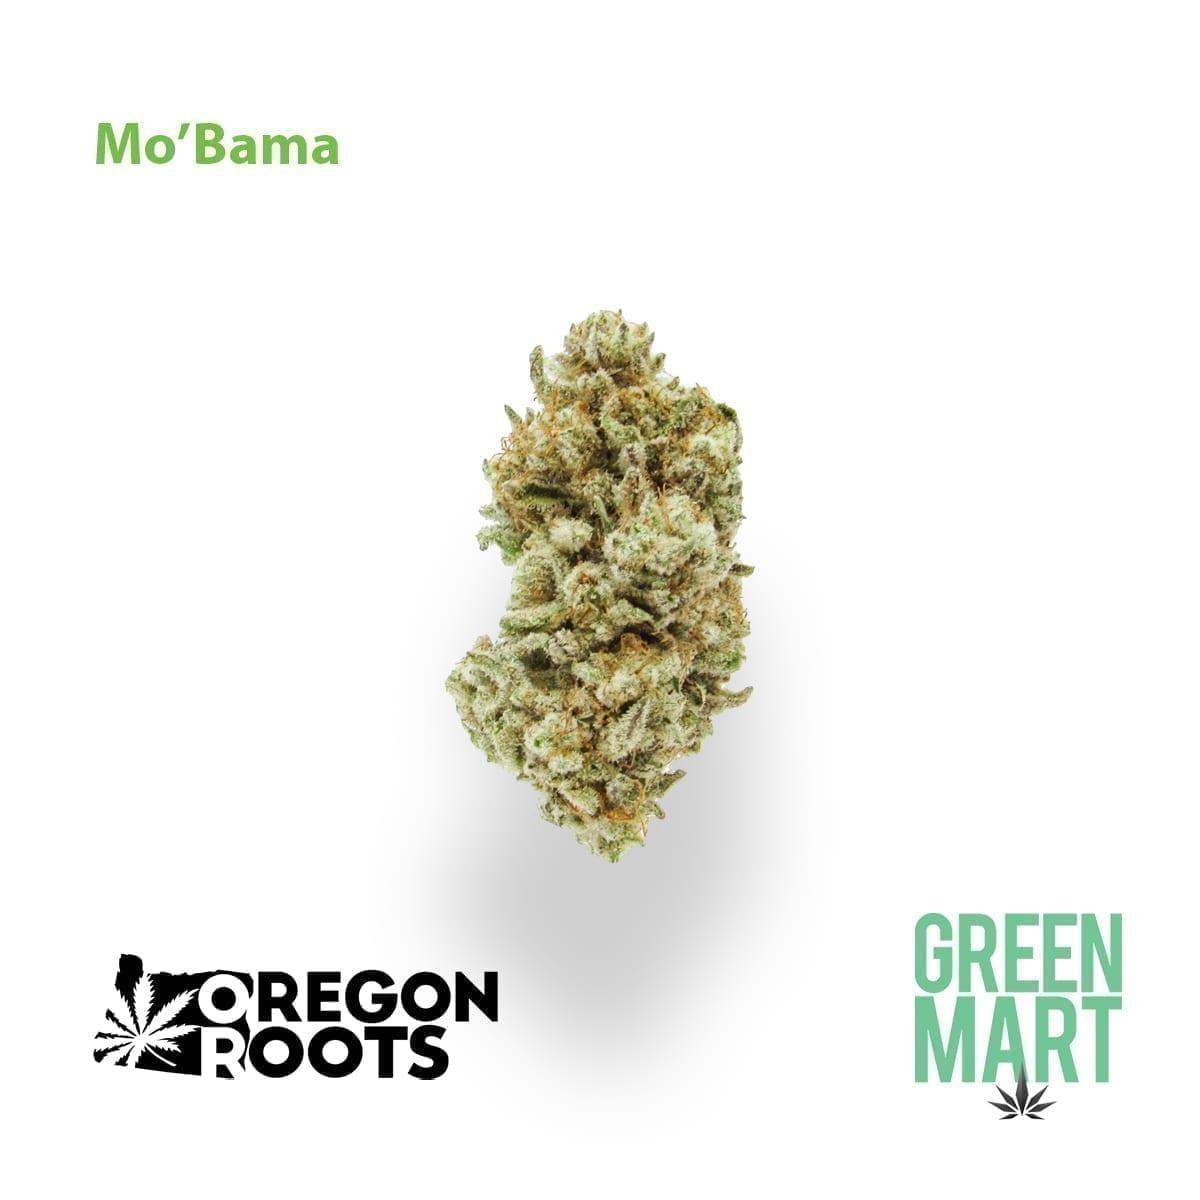 Mo'Bama Oregon Roots